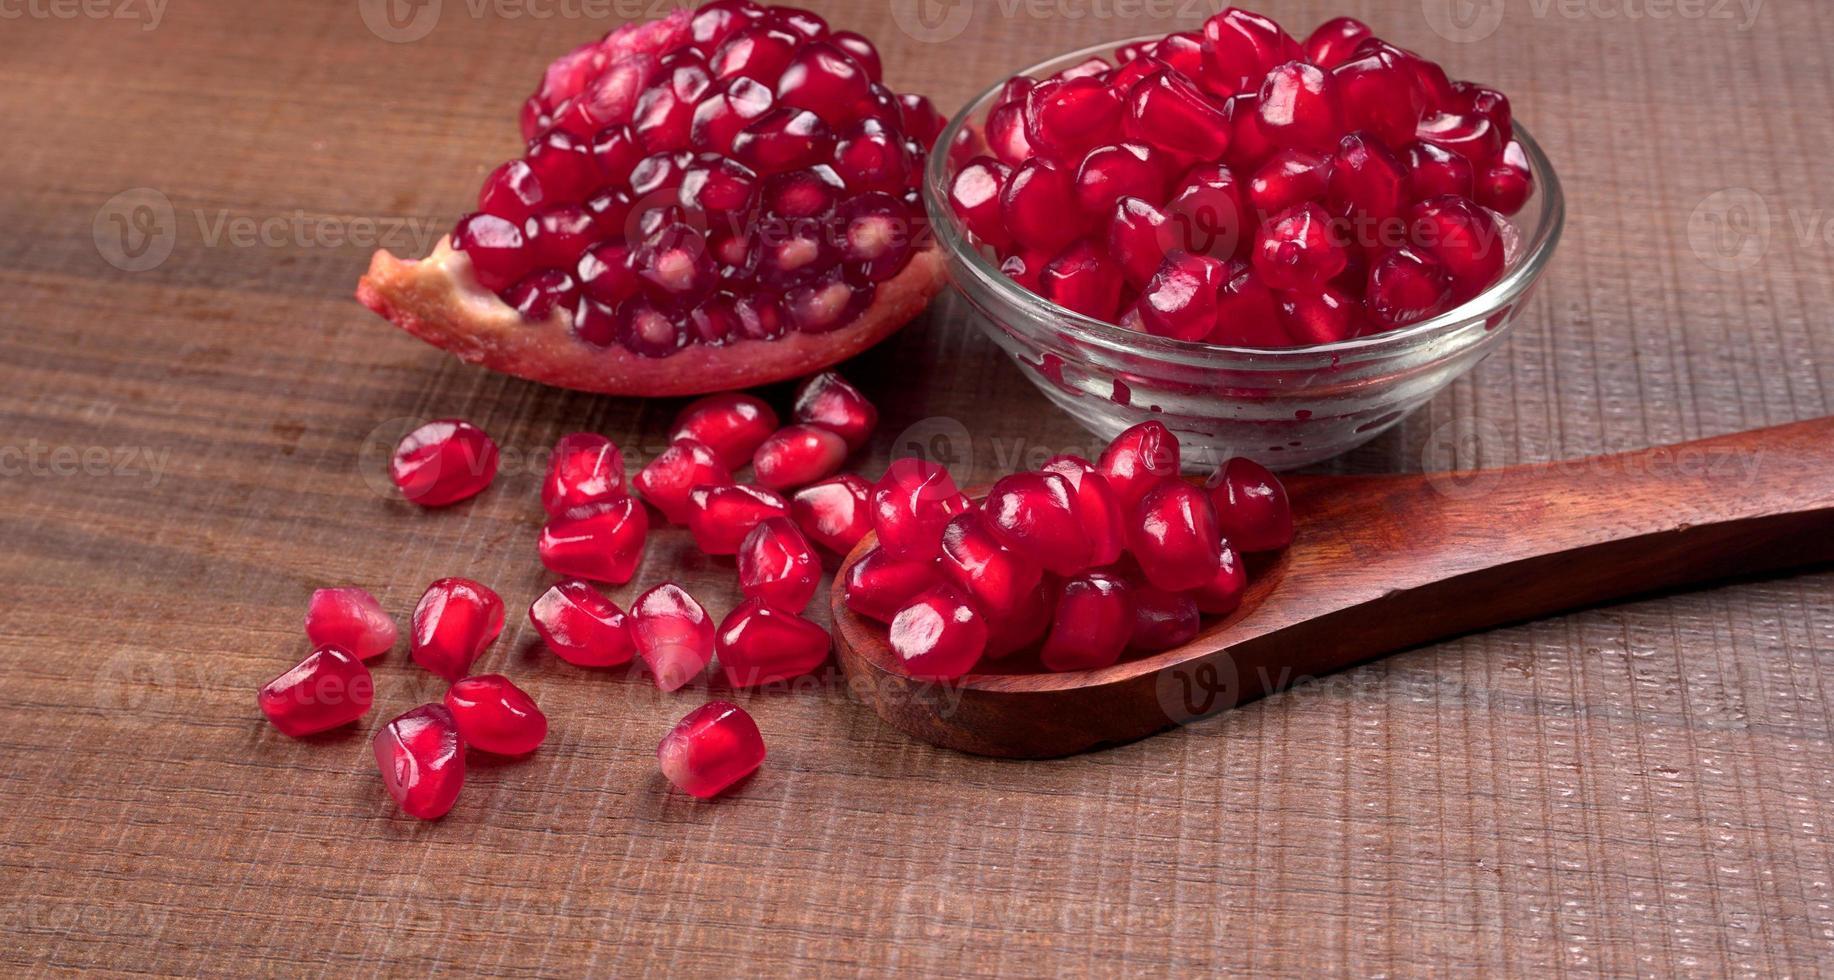 grenade fraîche riche en antioxydants naturels. concept de fruits rouges, vitamines et antioxydants naturels à la peau pour la beauté. photo